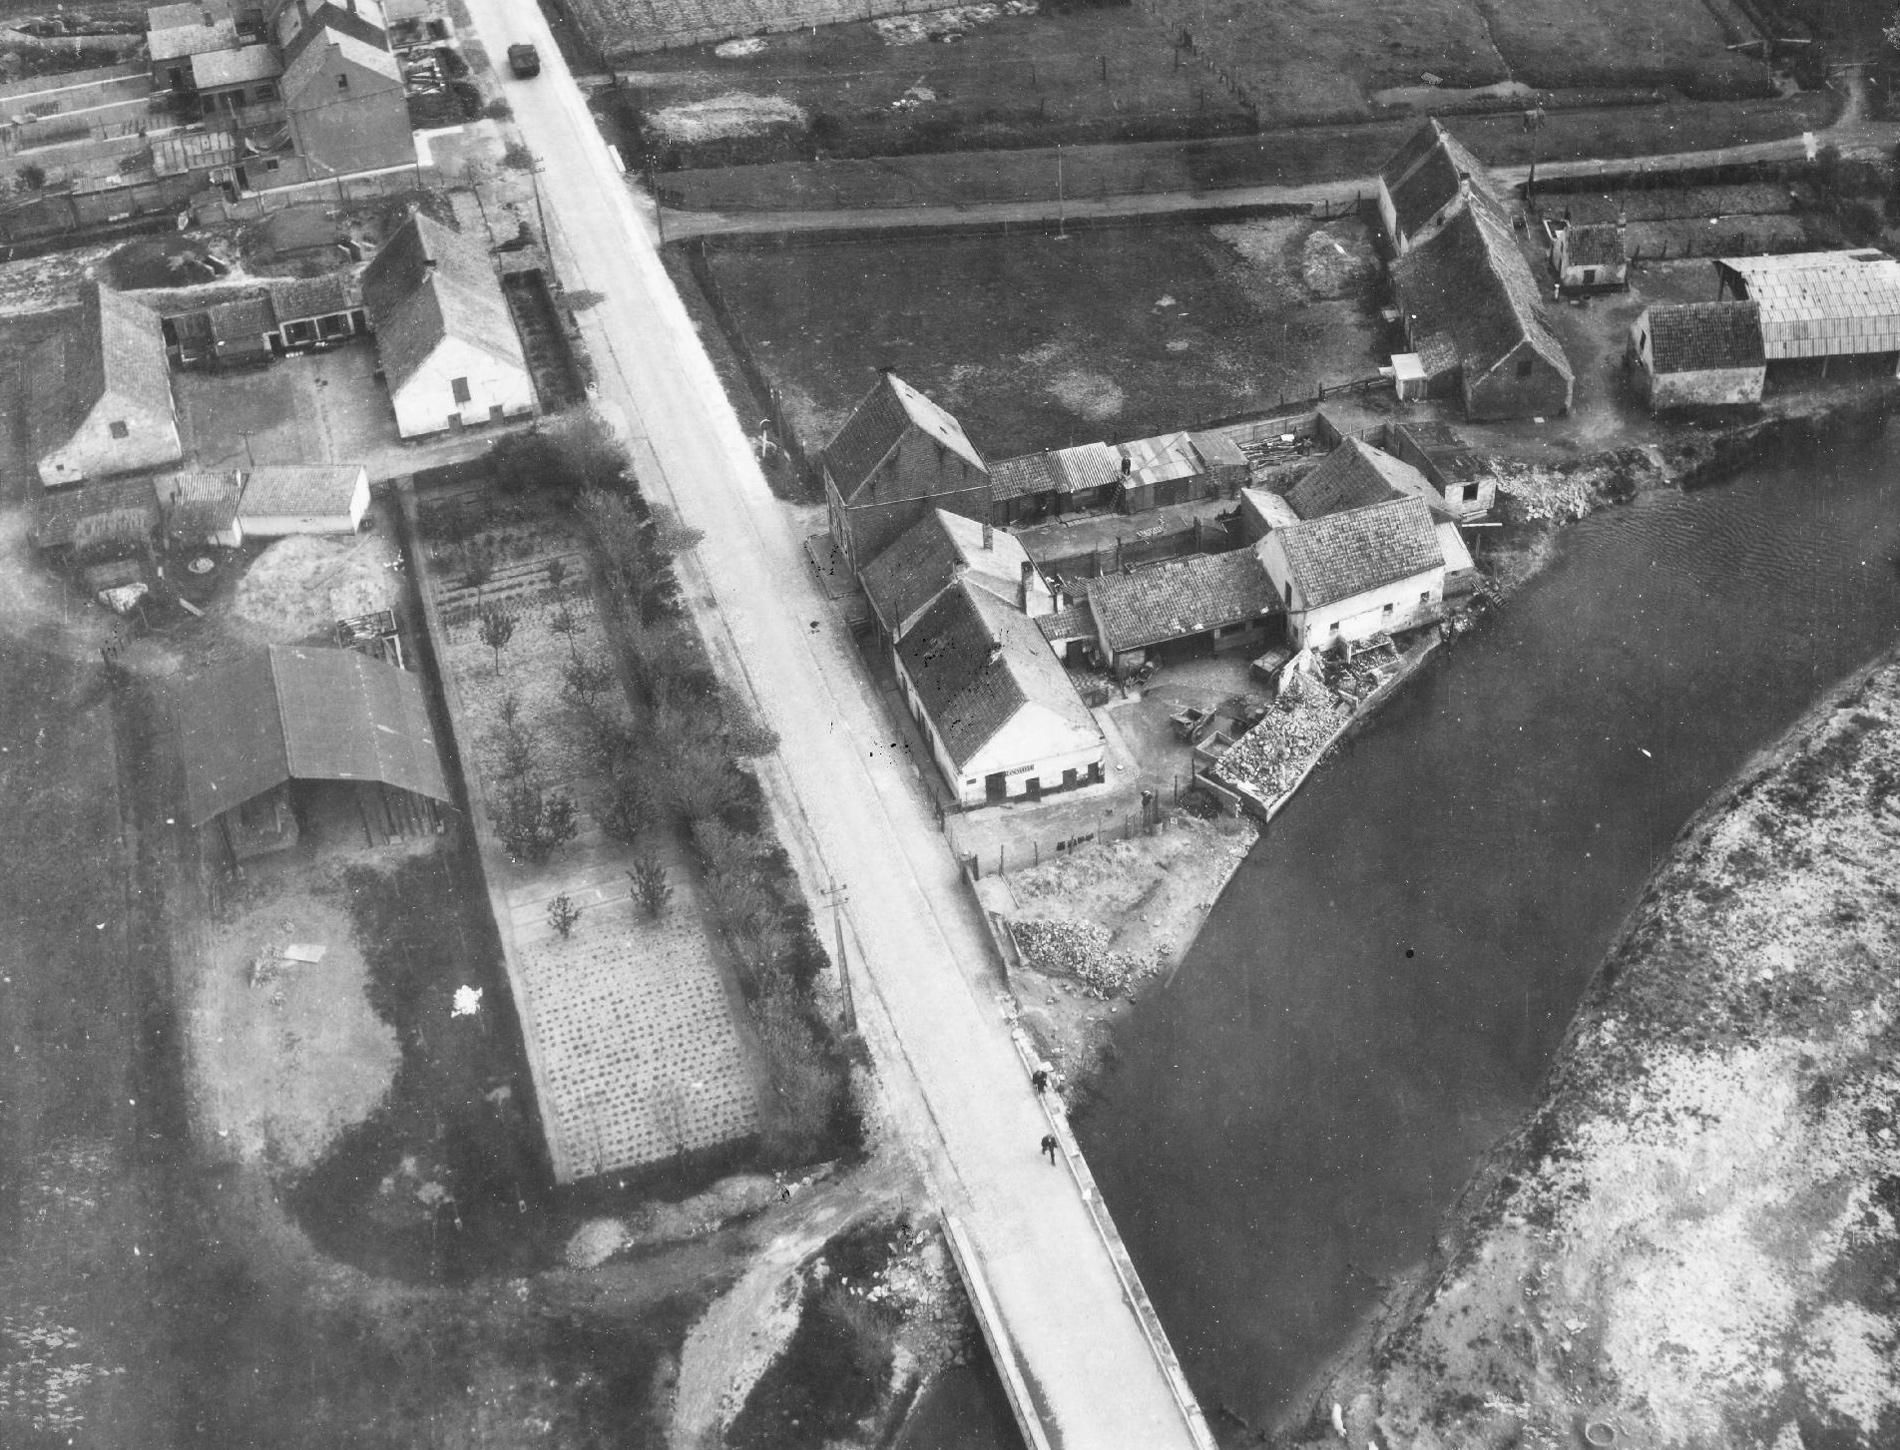 Luchtfoto van de Zandvoordestraat voor de brug over de Gauwelozekreek met tank in Oostende